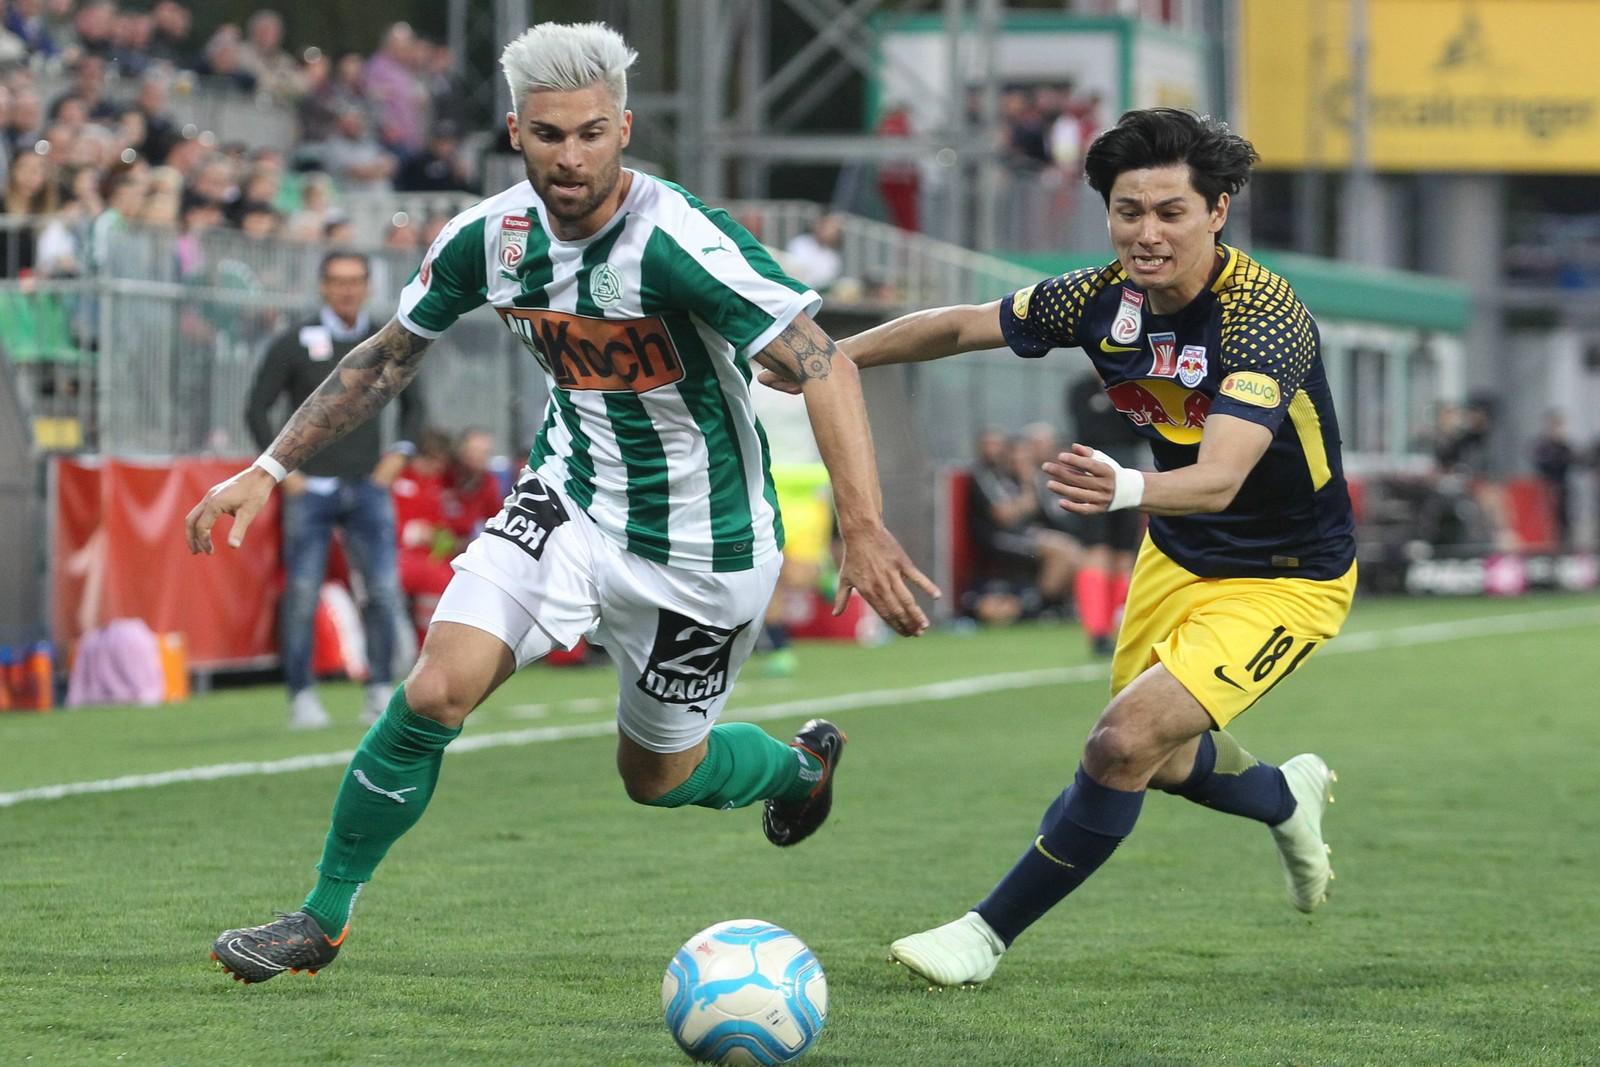 Im Rahmen eines Probetrainings will sich Manuel Seidl für einen Vertrag in Lotte empfehlen.